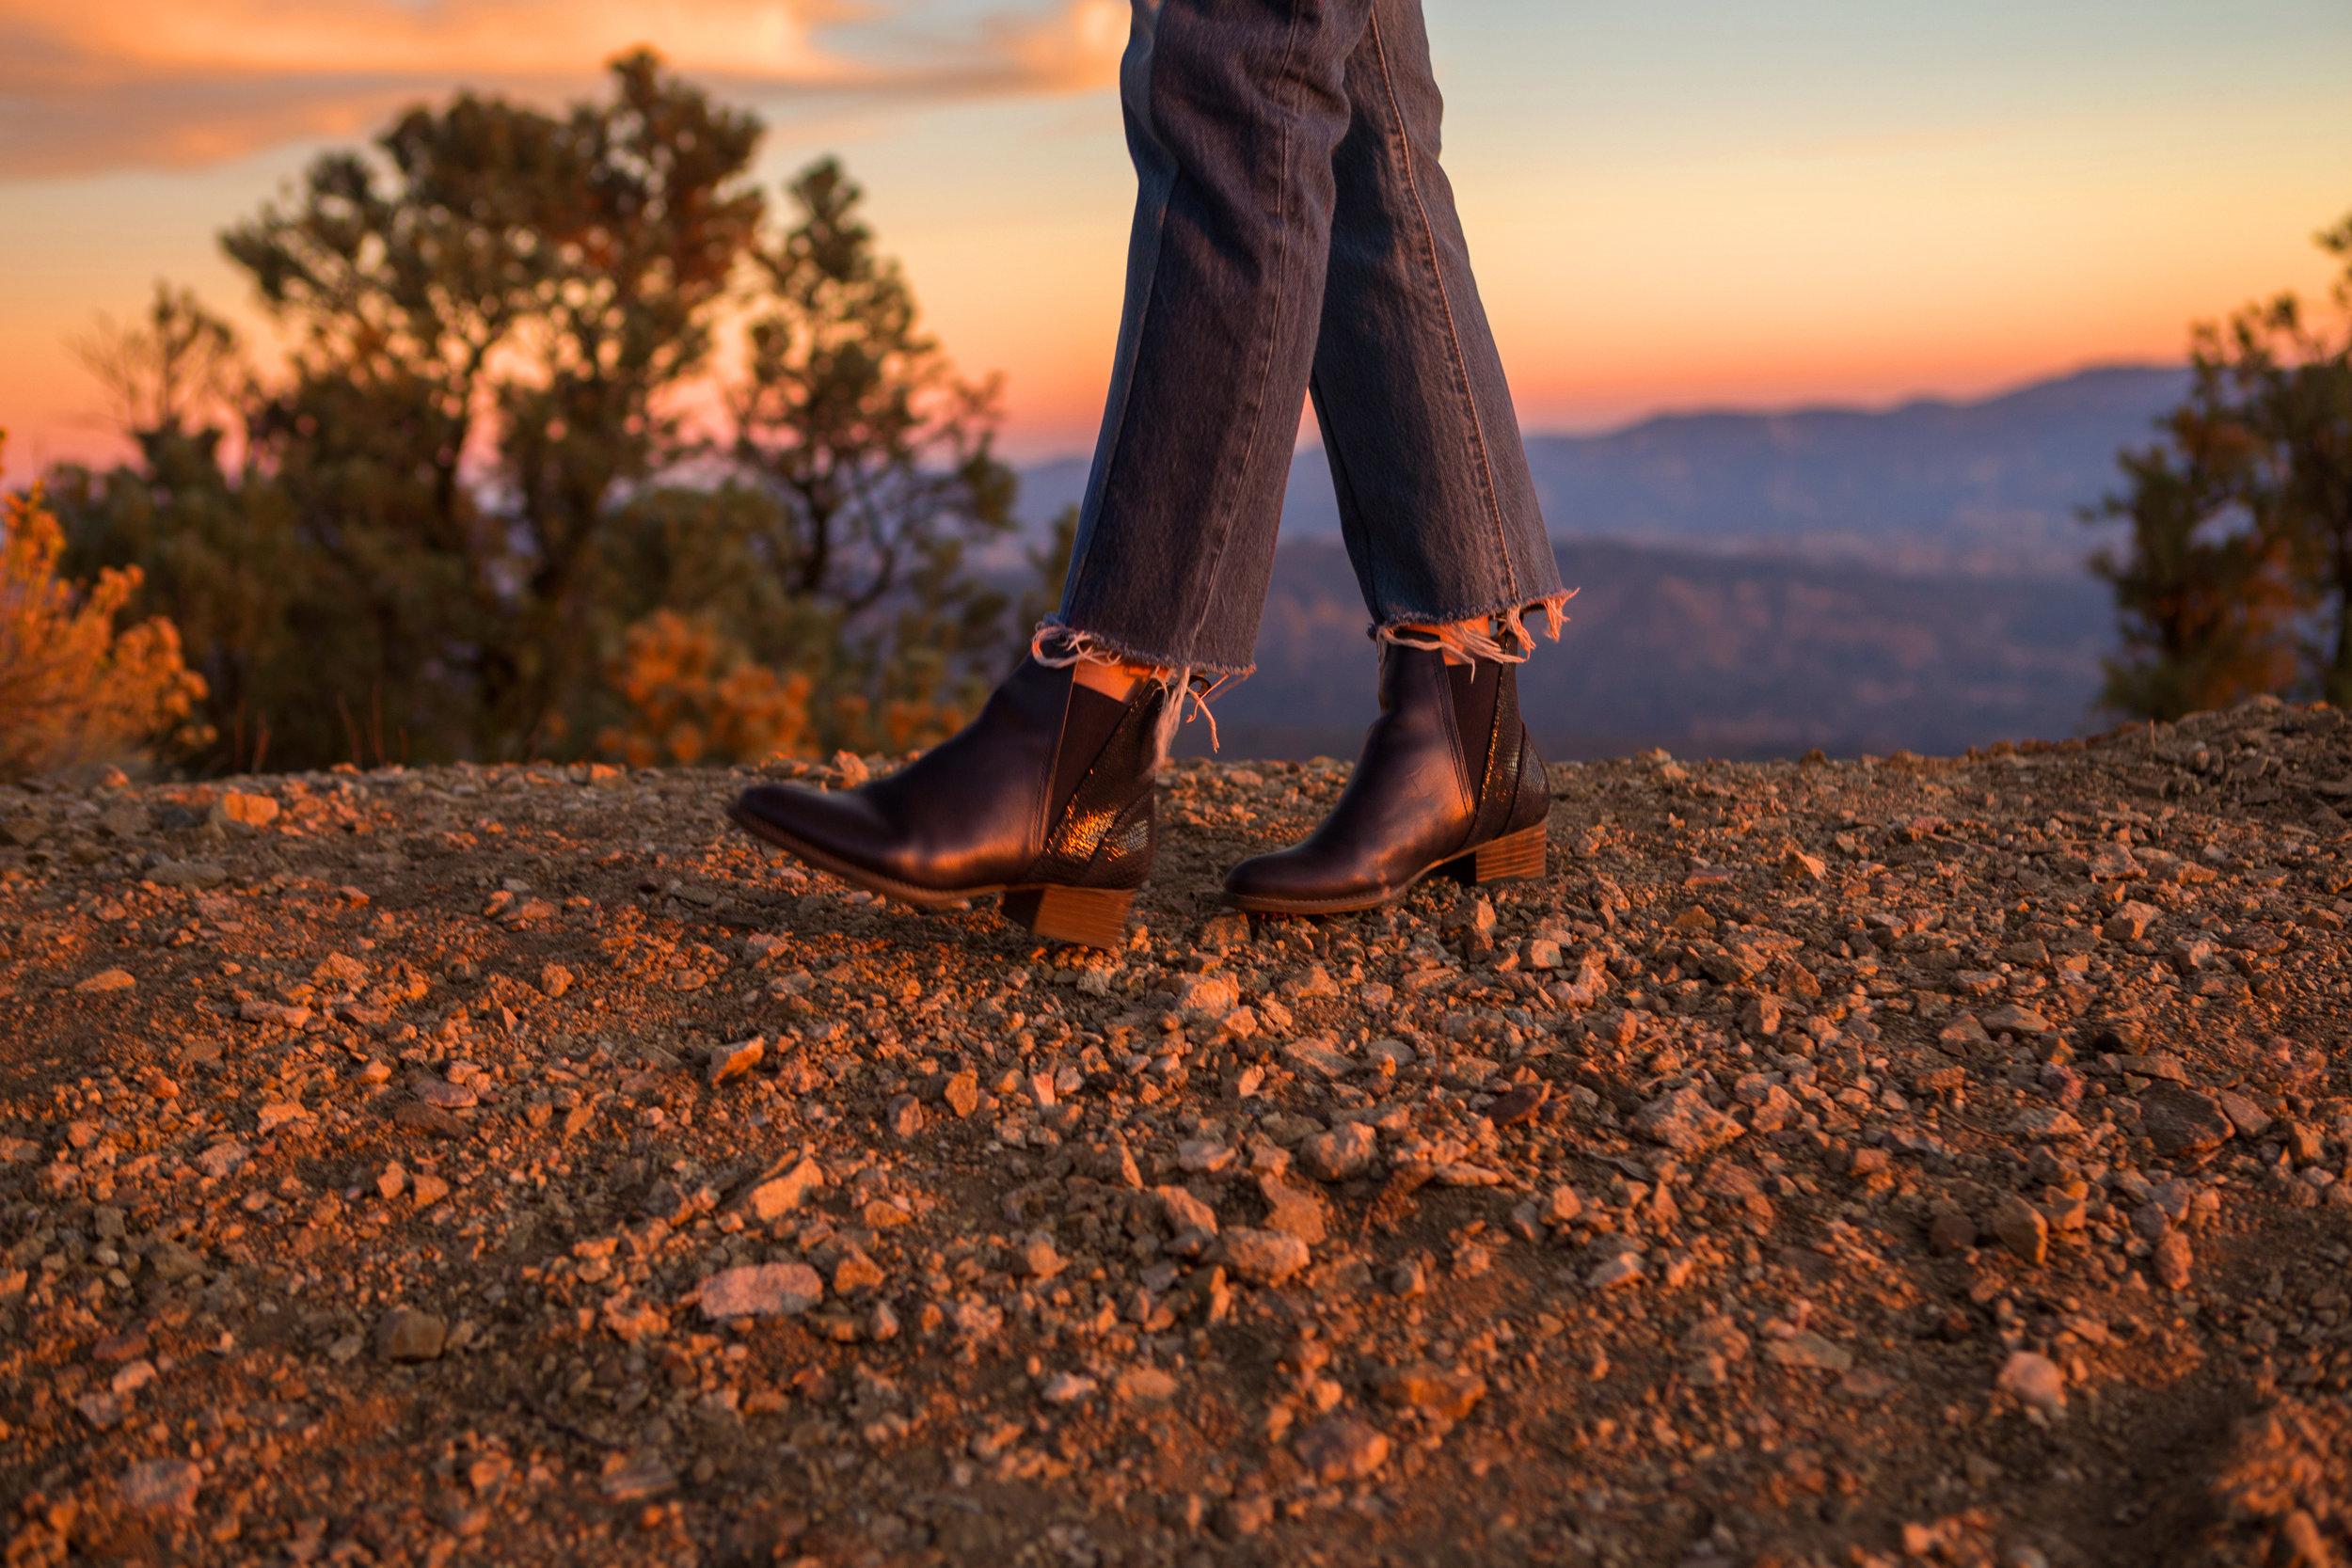 AstroBandit_JordanRose_Revere_Sunset_Bike_Ride_California_Mountains_3.jpg